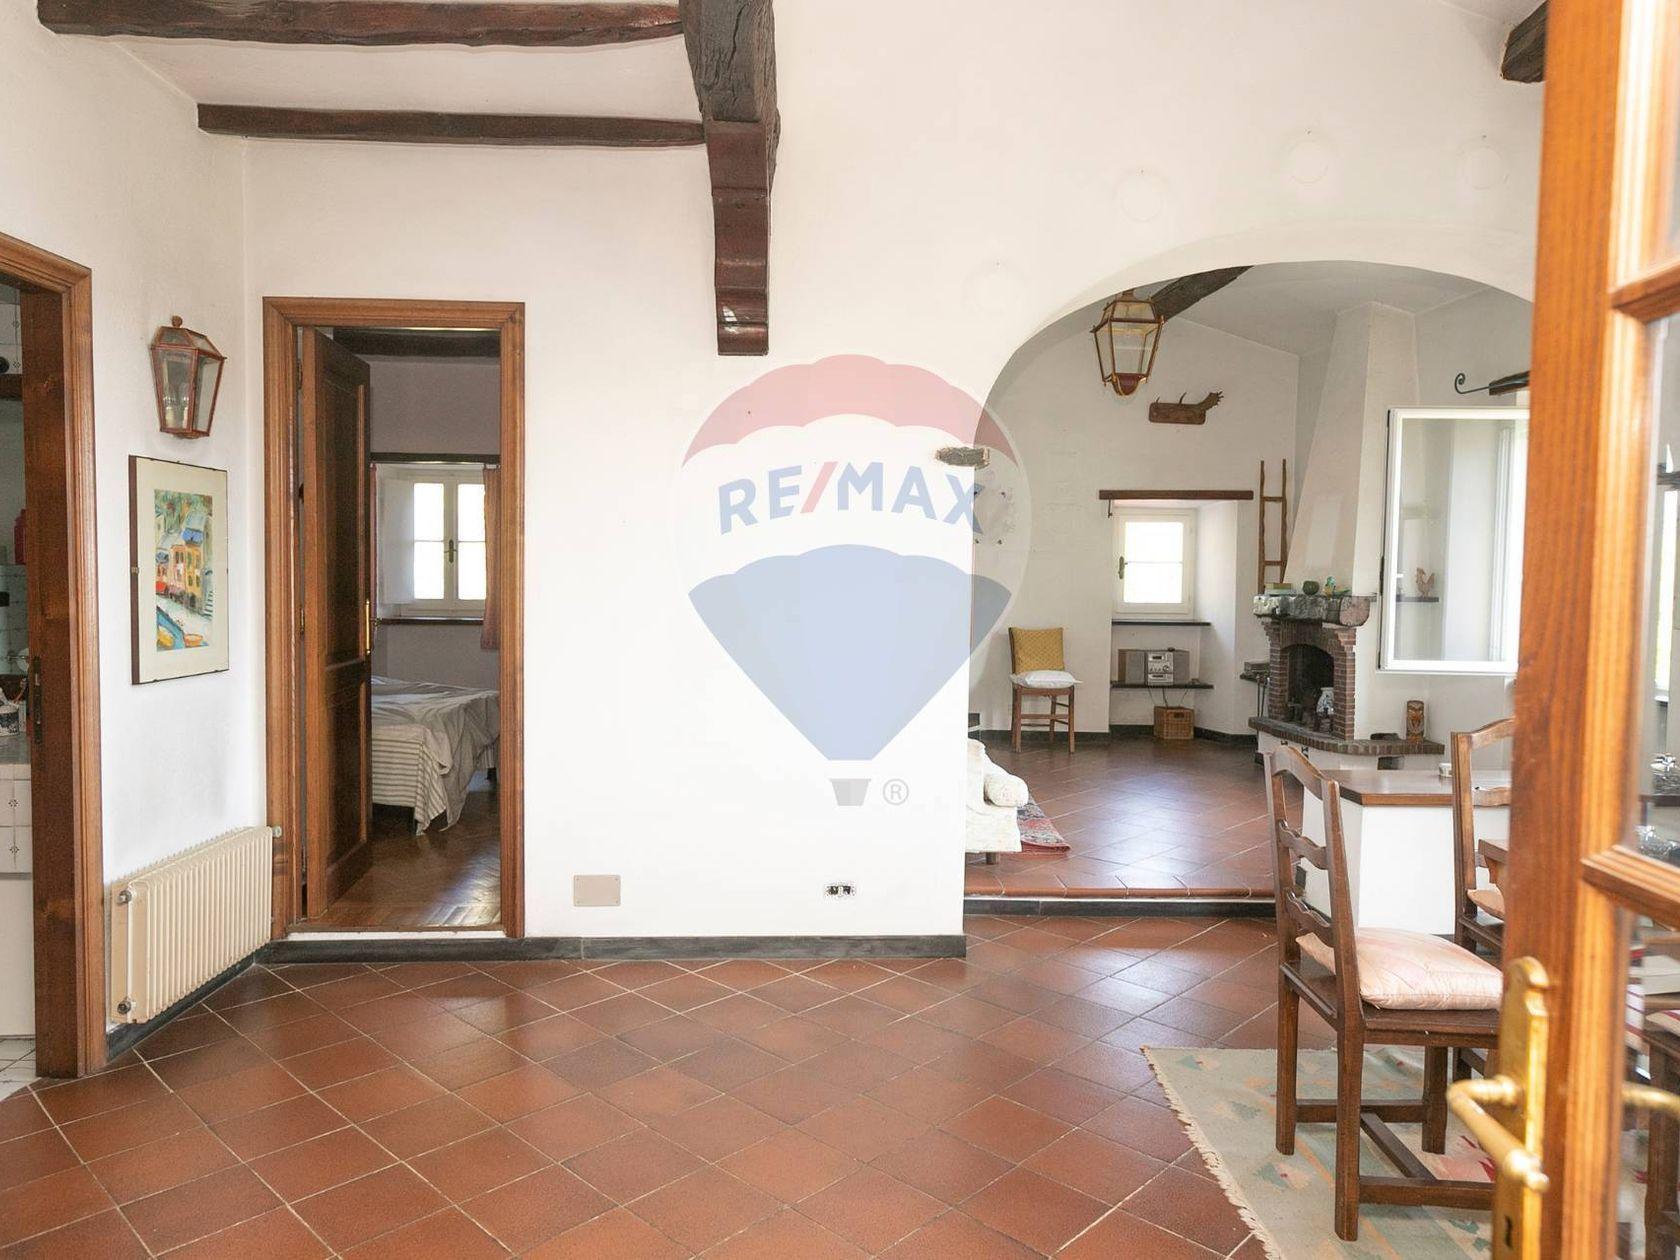 Agenzie Immobiliari A Rapallo villa o villino in vendita rapallo 21611009-1725 | re/max italia